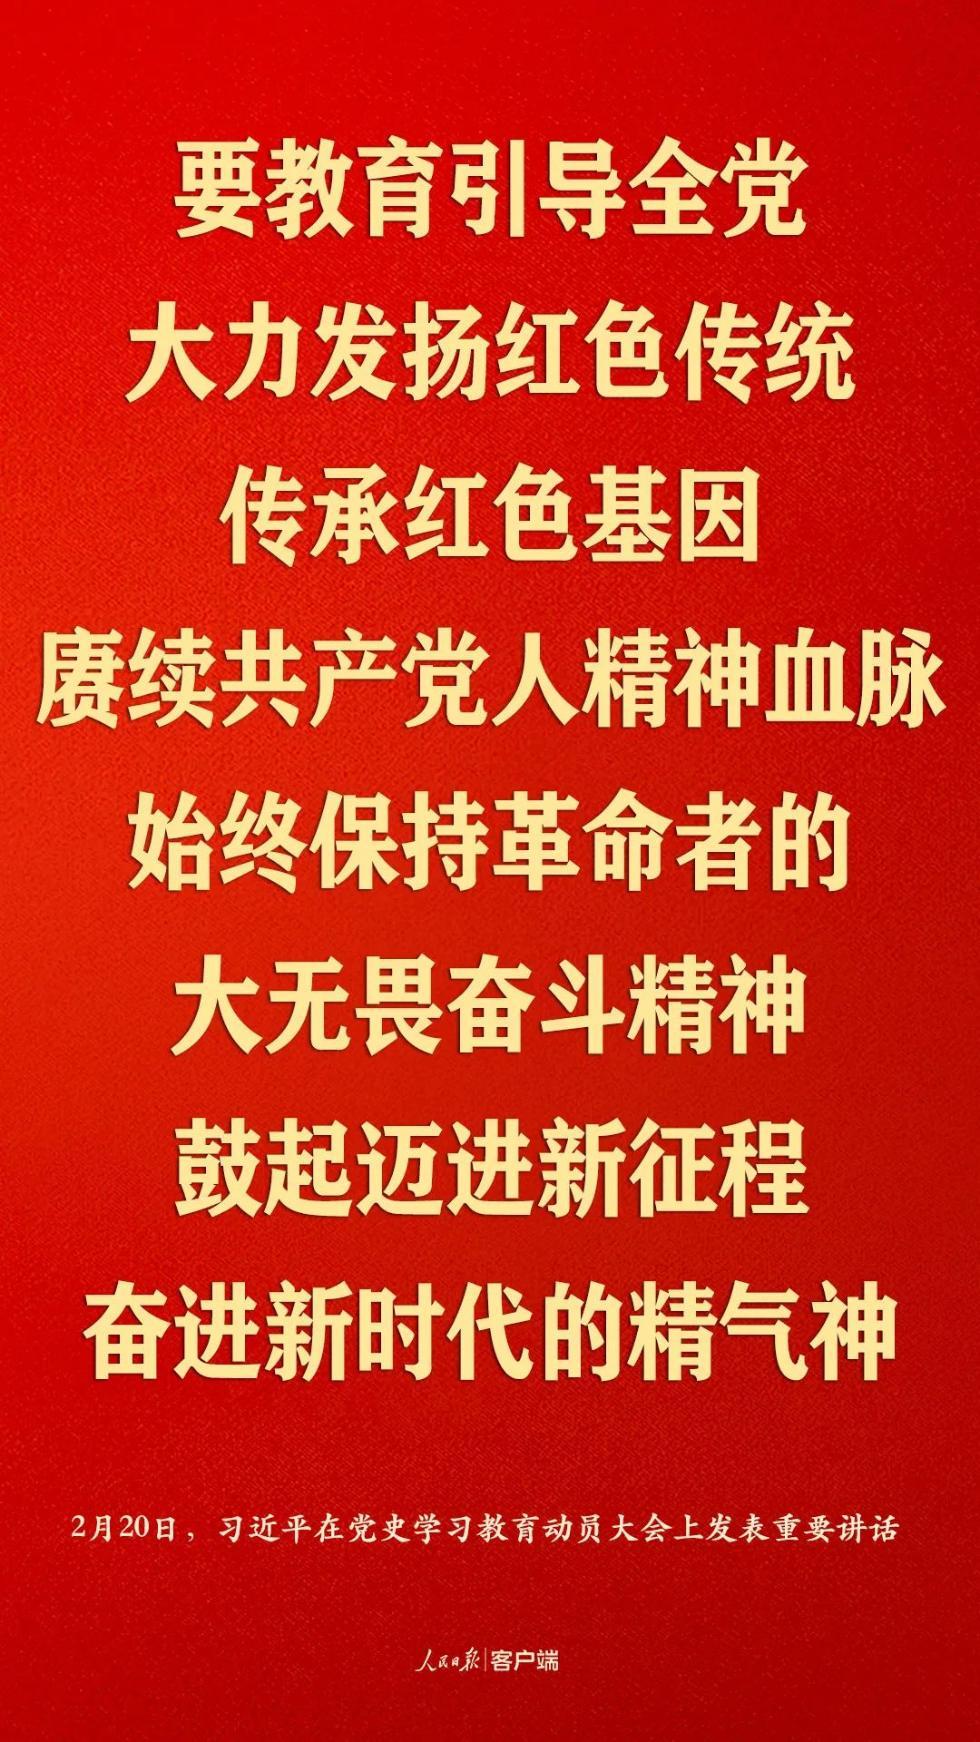 习近平:江山就是人民,人民就是江山